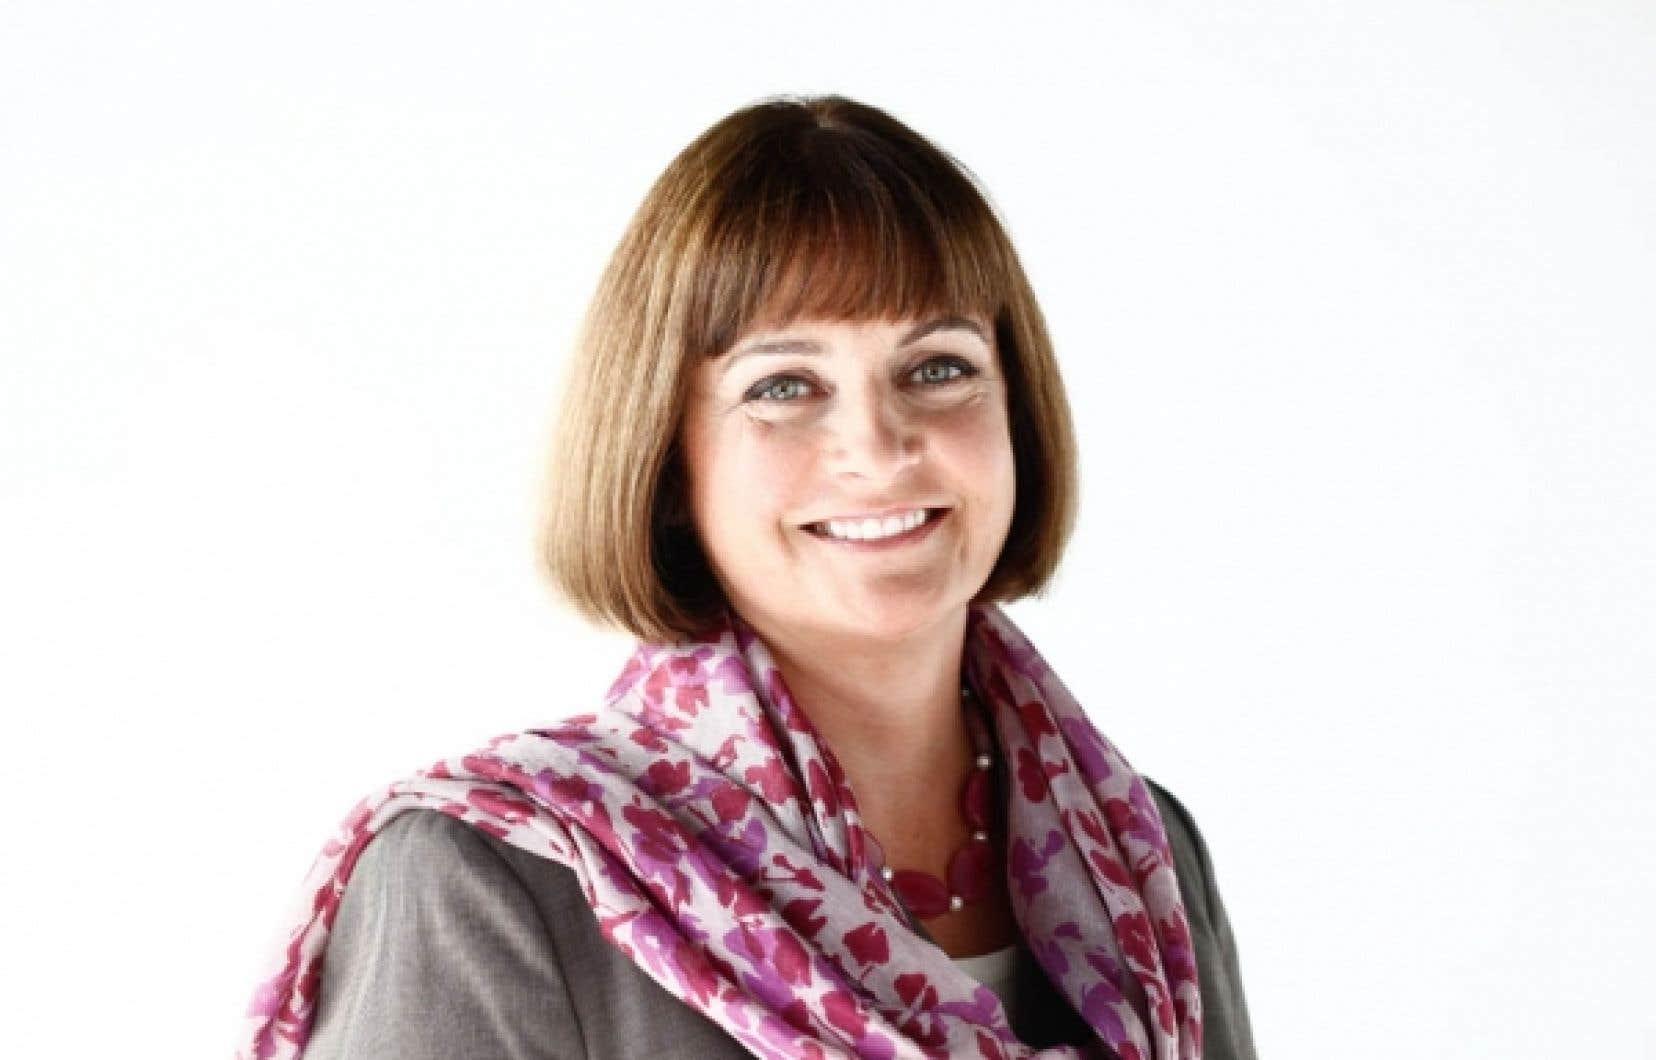 Julie Miville-Dechêne est à la présidence du Conseil du statut de la femme depuis six mois.